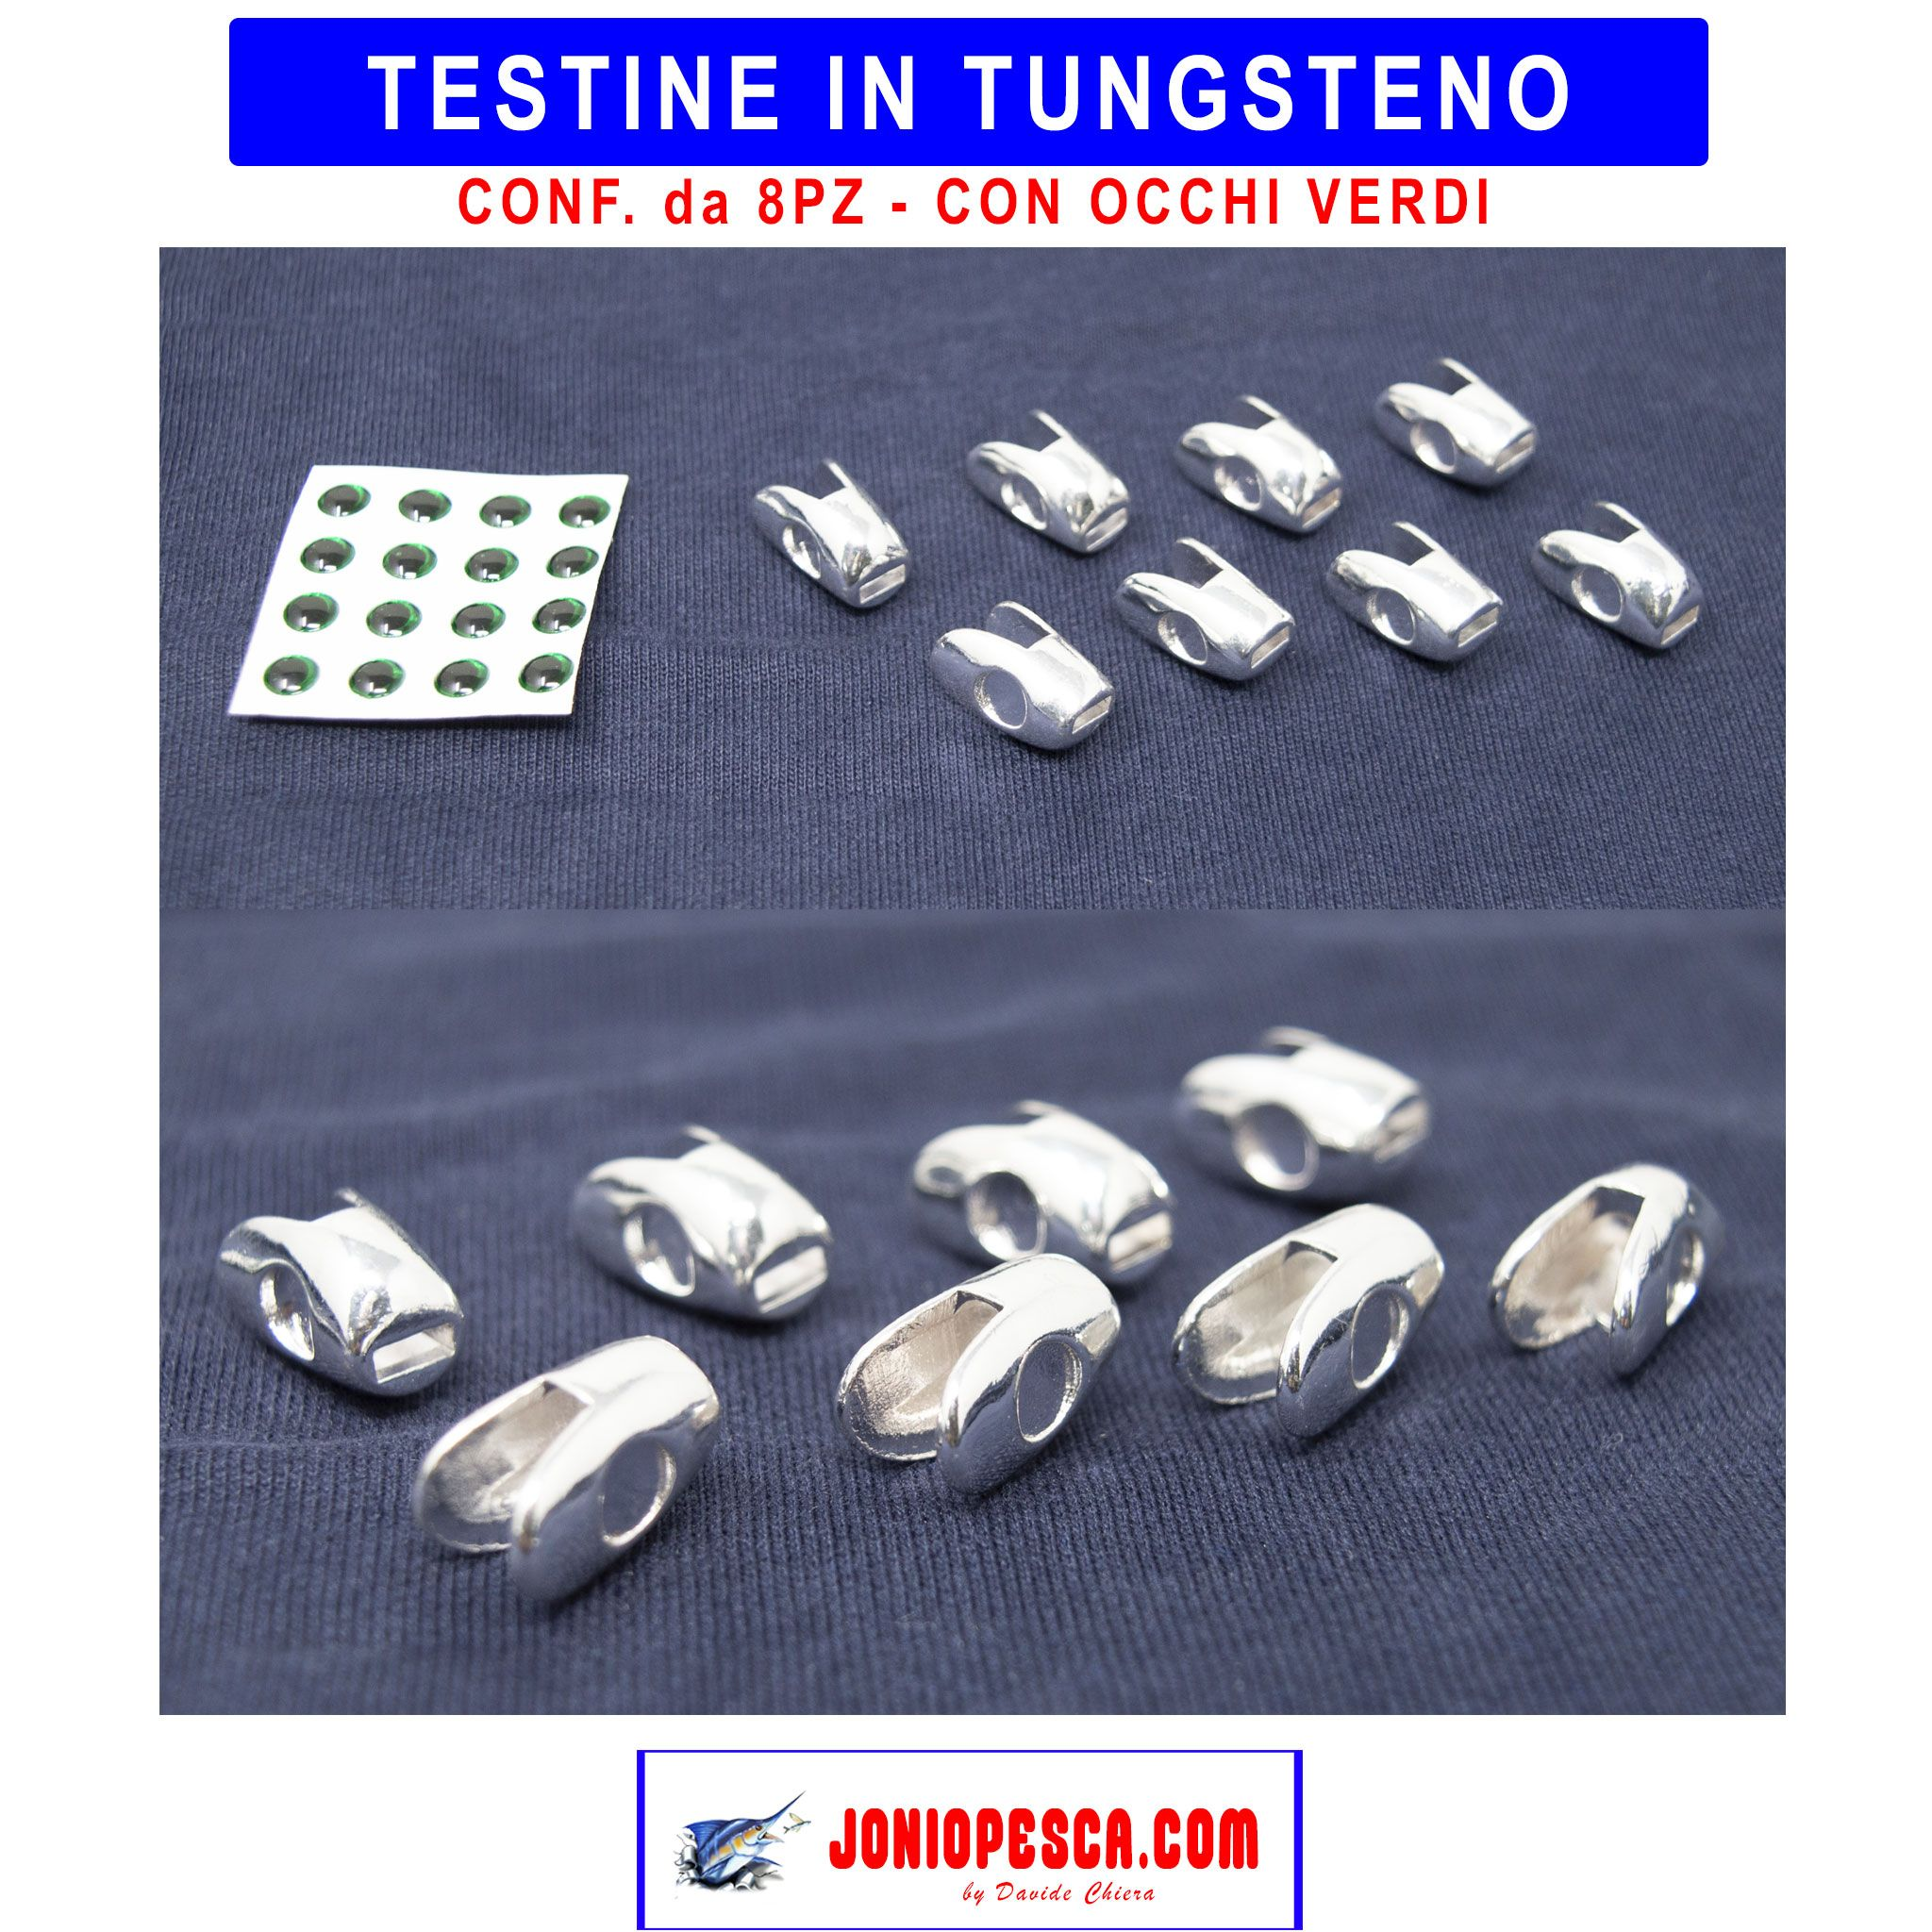 testine-in-tungsteno